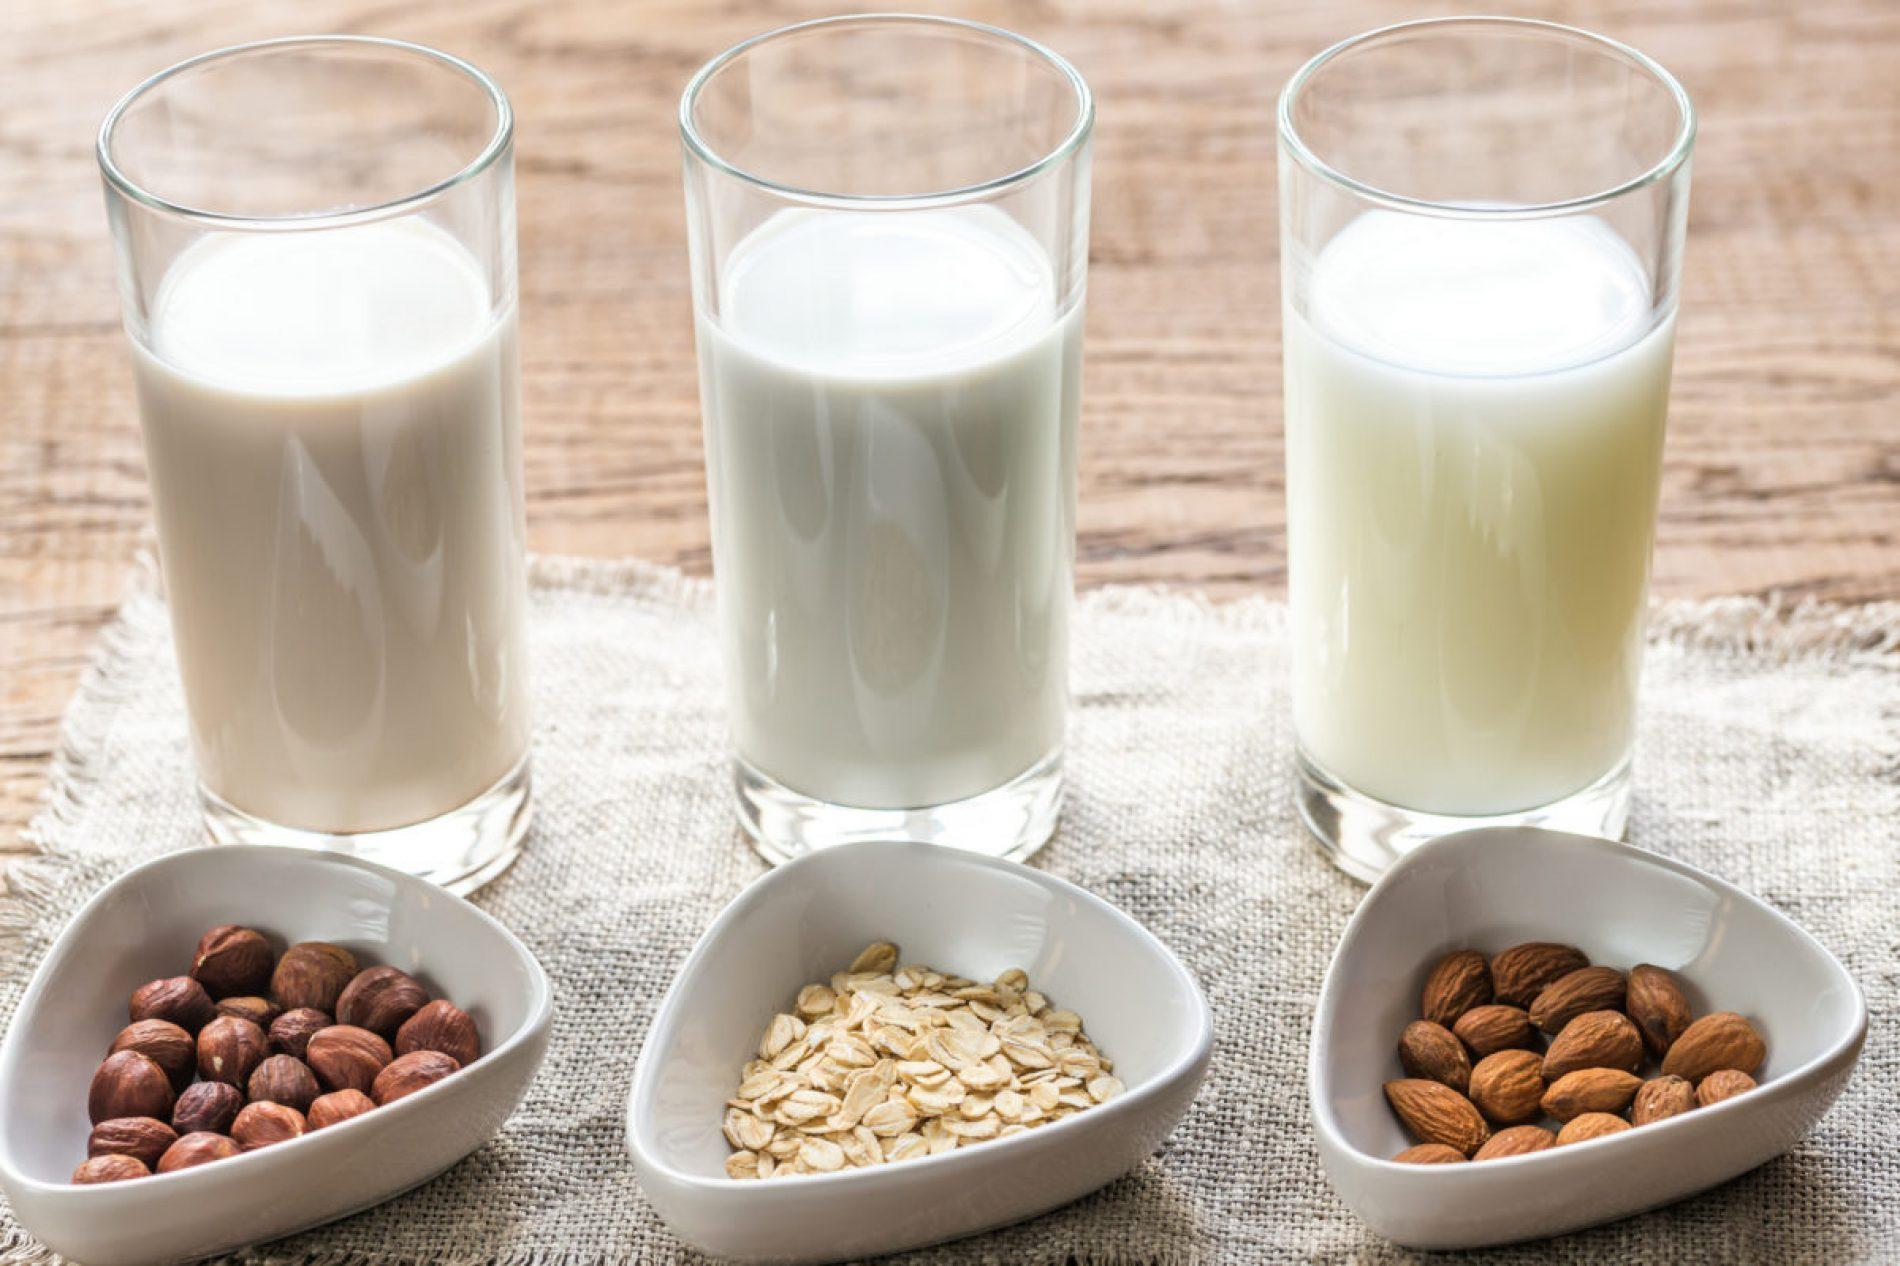 Большой обзор: лучшее растительное молоко и как его сделать дома